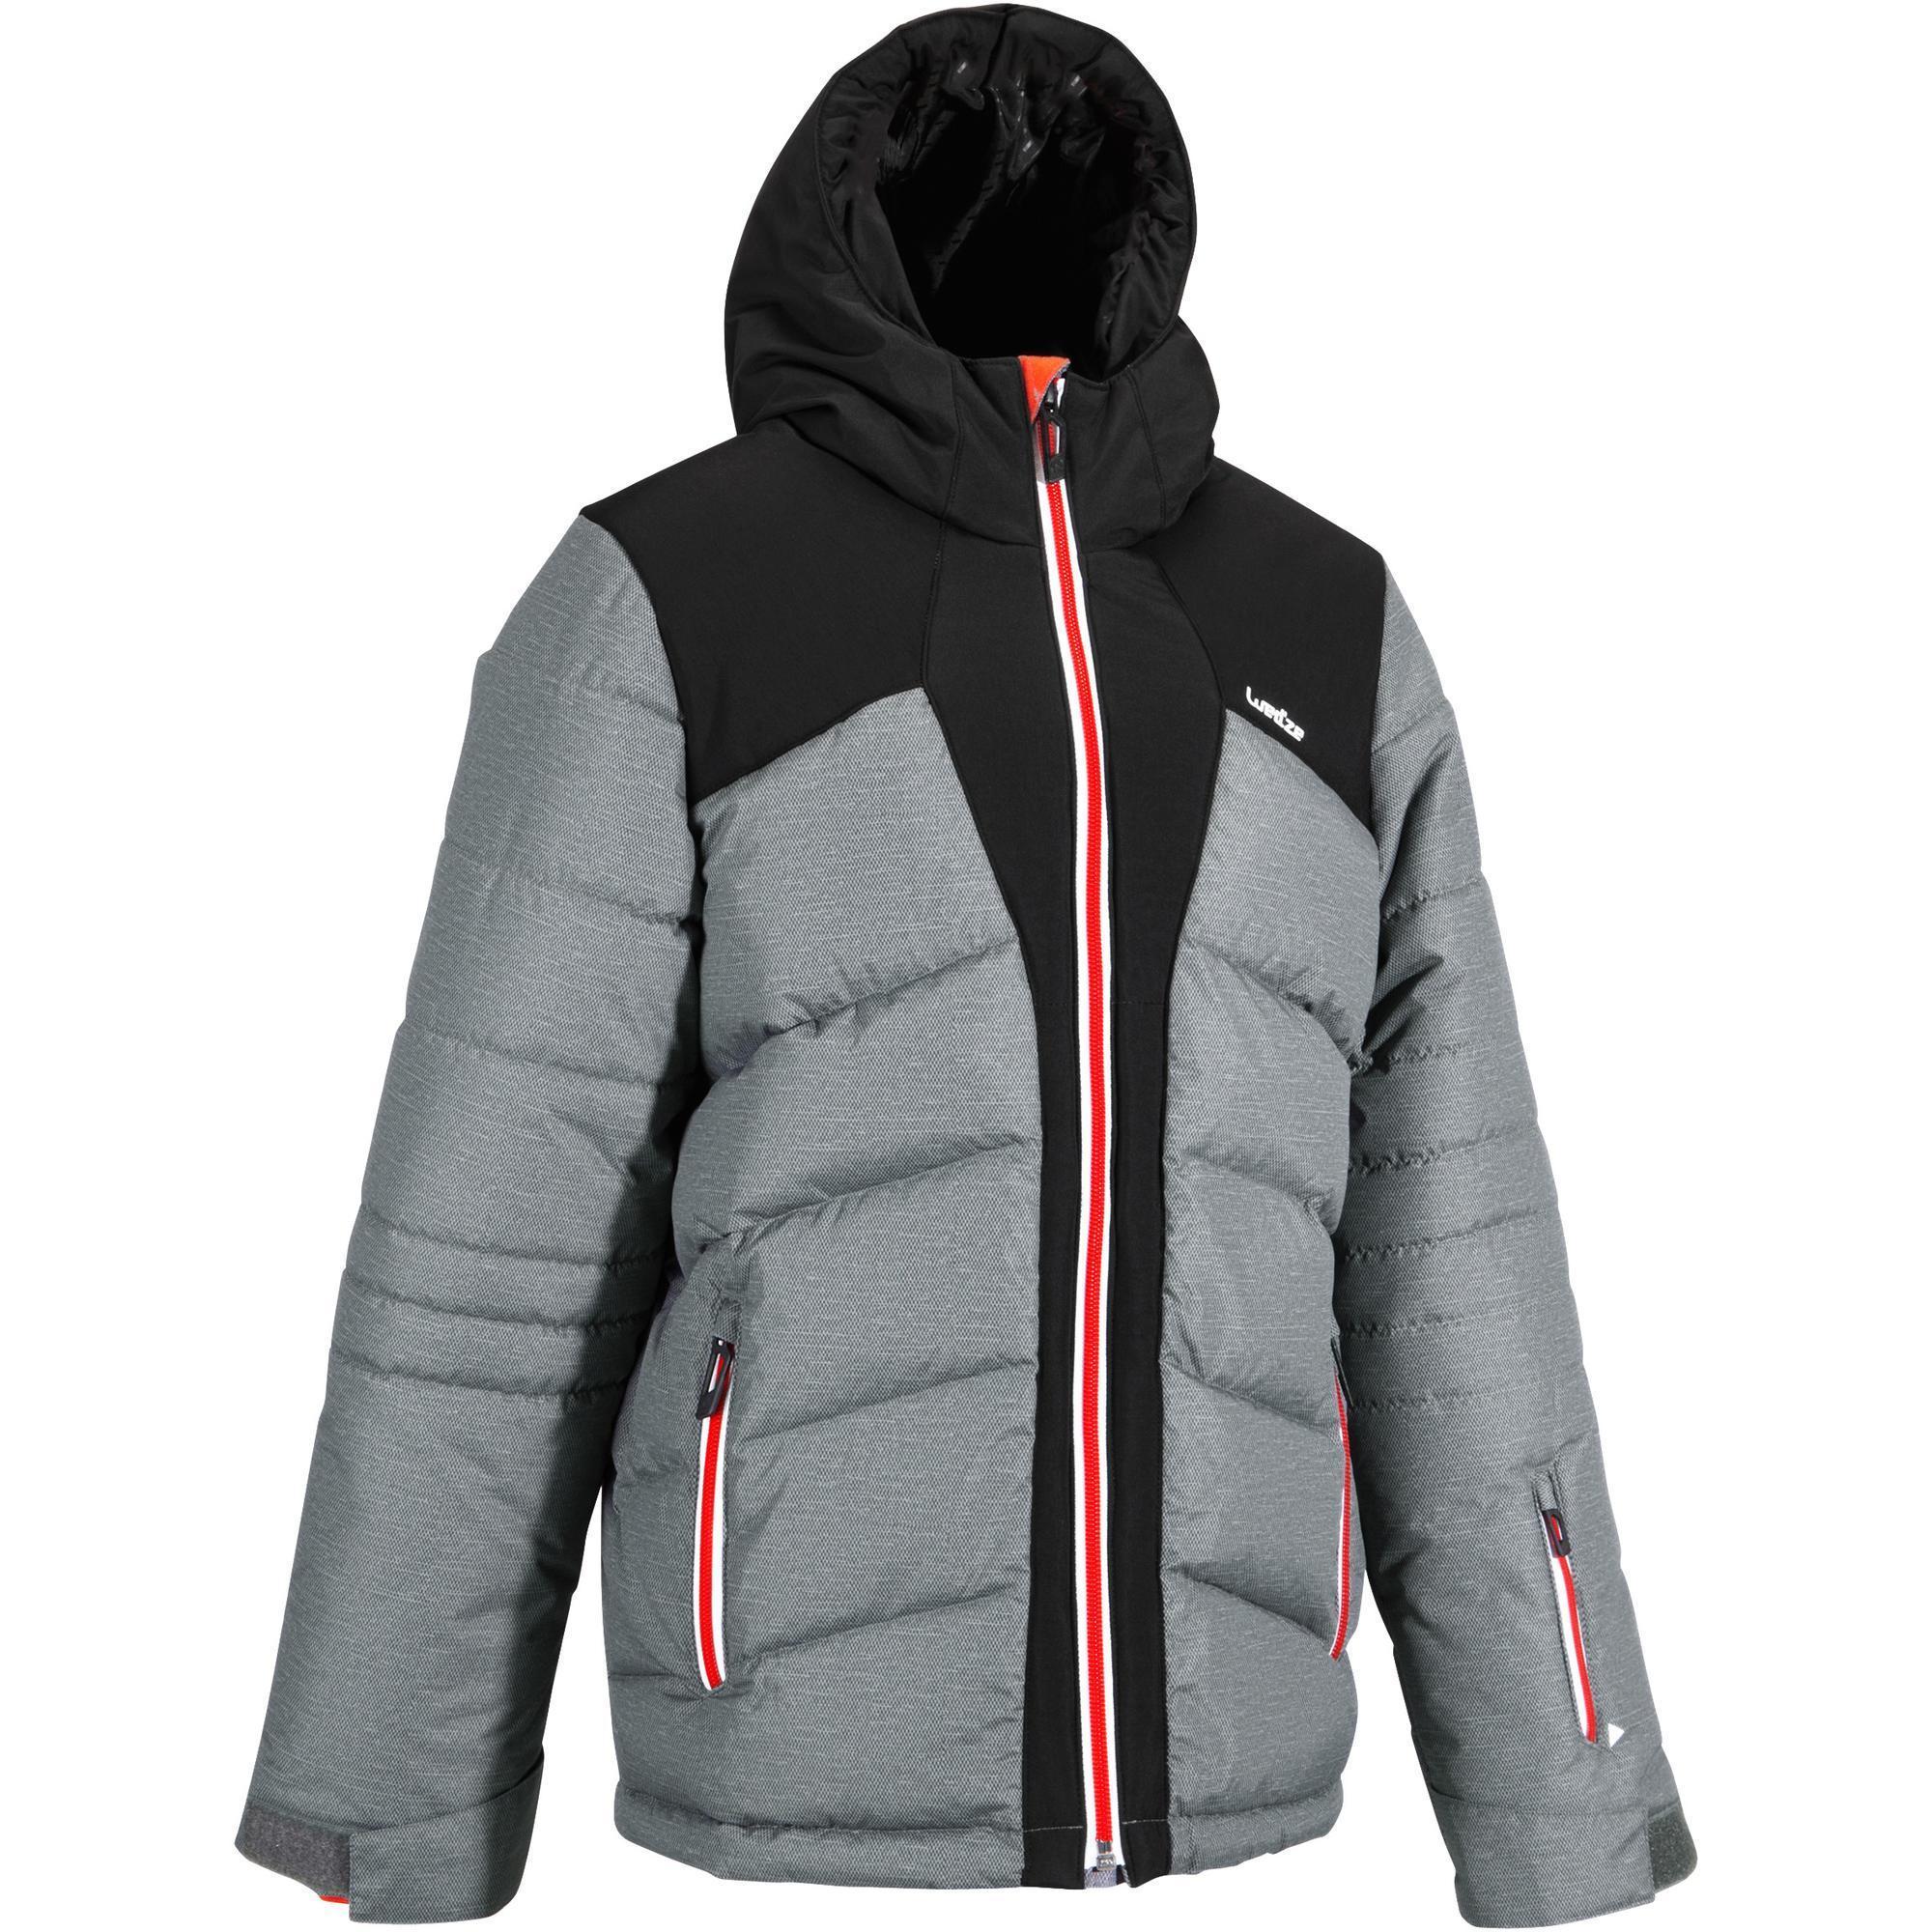 Jungen,Kinder Skijacke Daunen Ski-P JKT 500 Warm Kinder Jungen grau | 03608449899451